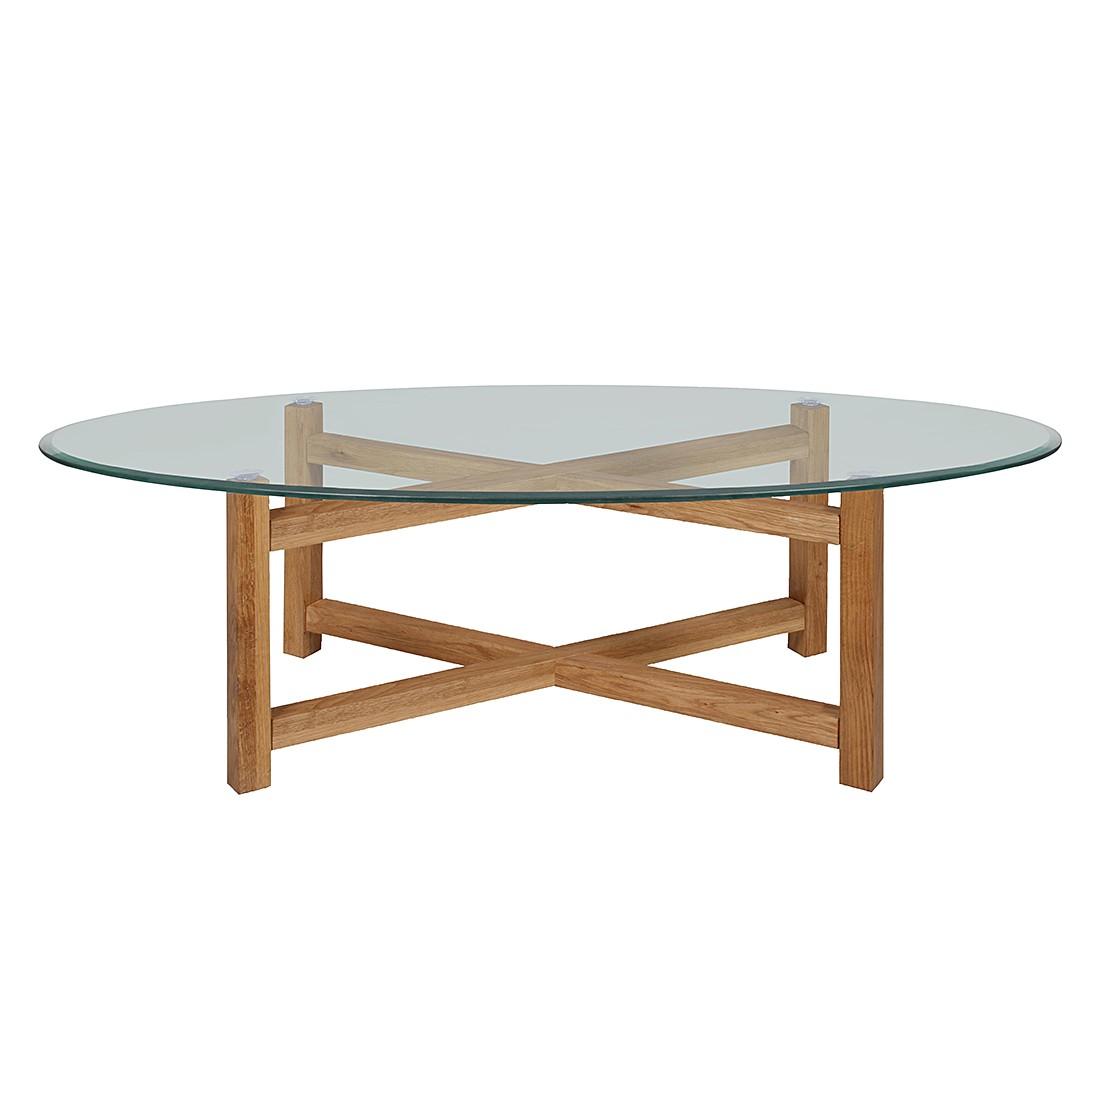 Tavolino da salotto Meliara - Legno massello di quercia oliato, Ars Natura